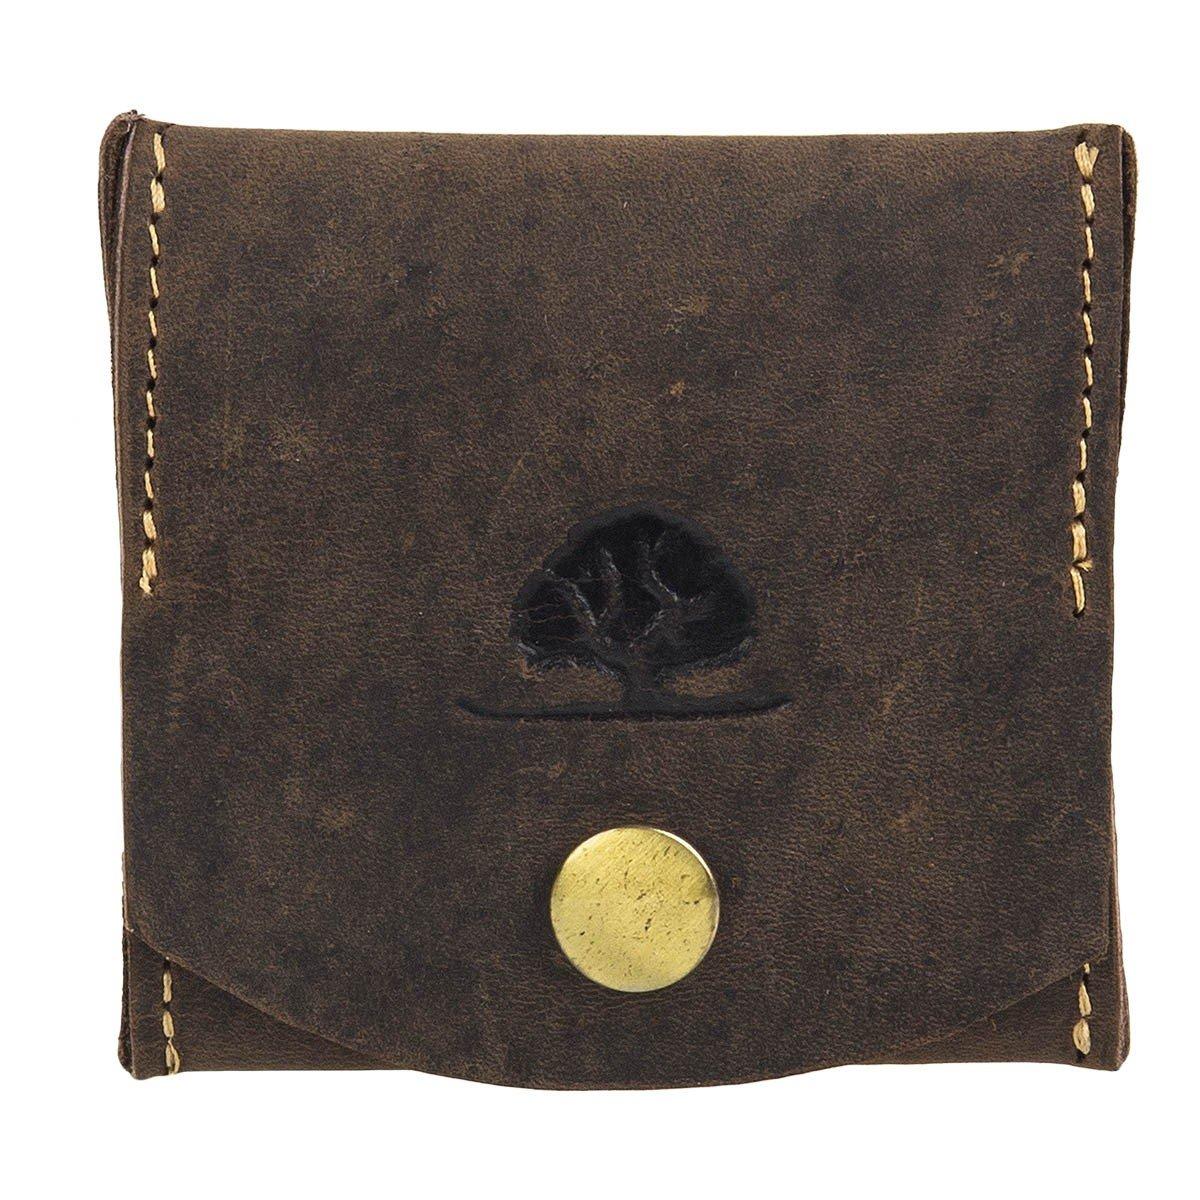 Greenburry , Portafogli 5 cm marrone 1809-25